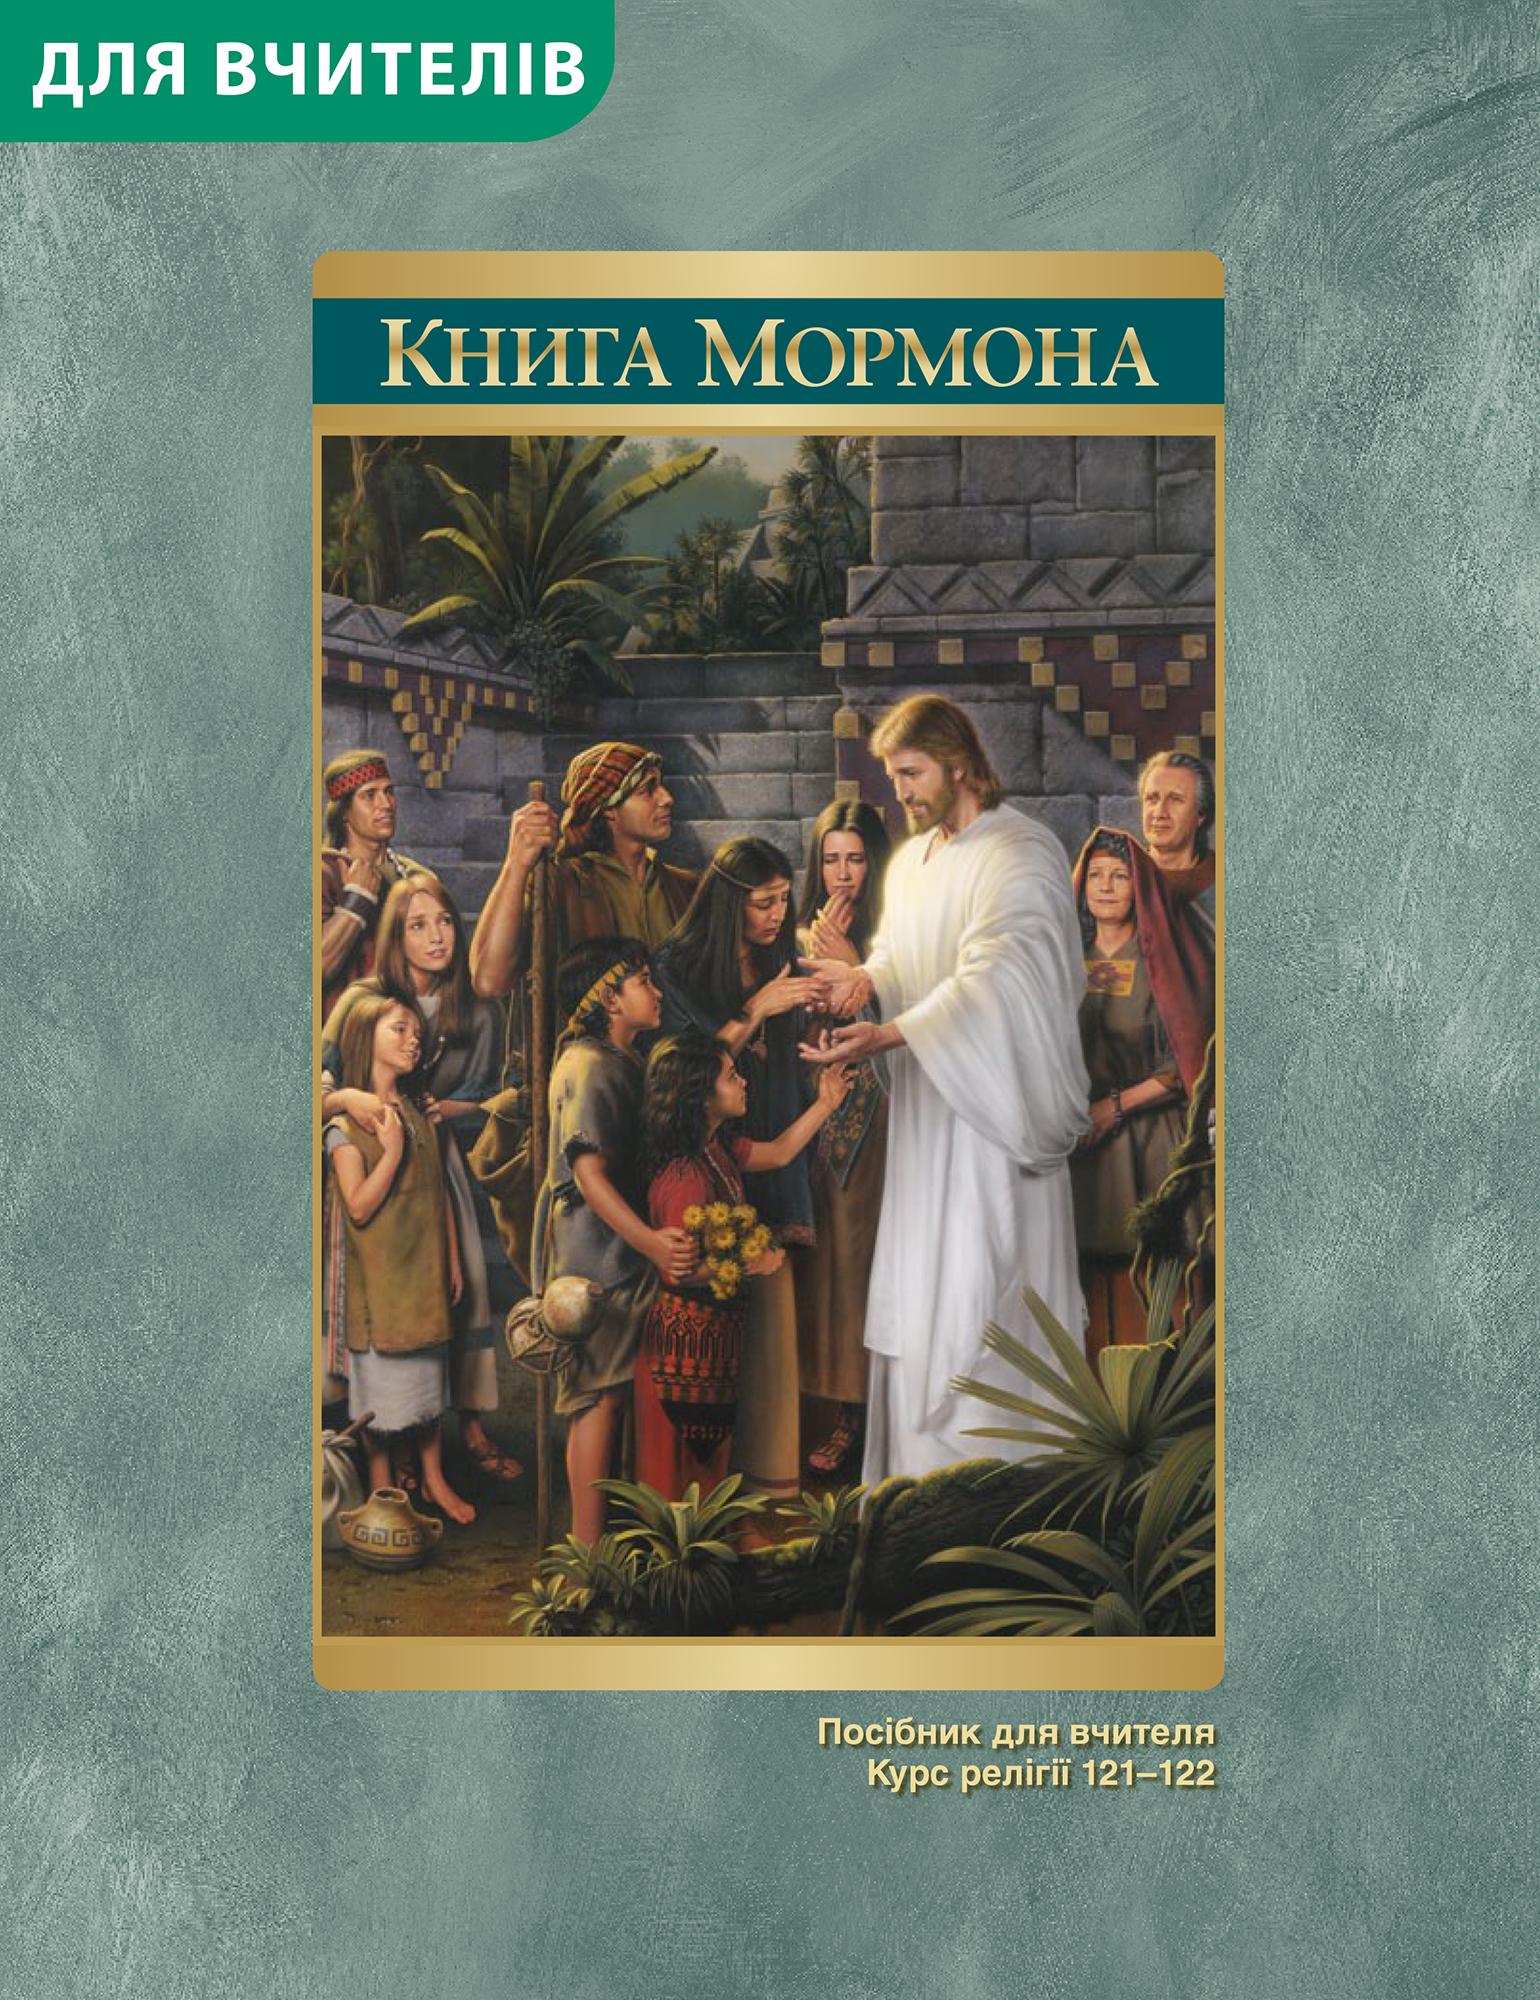 Книга Мормона. Посібник для вчителя (Рел 121-122)